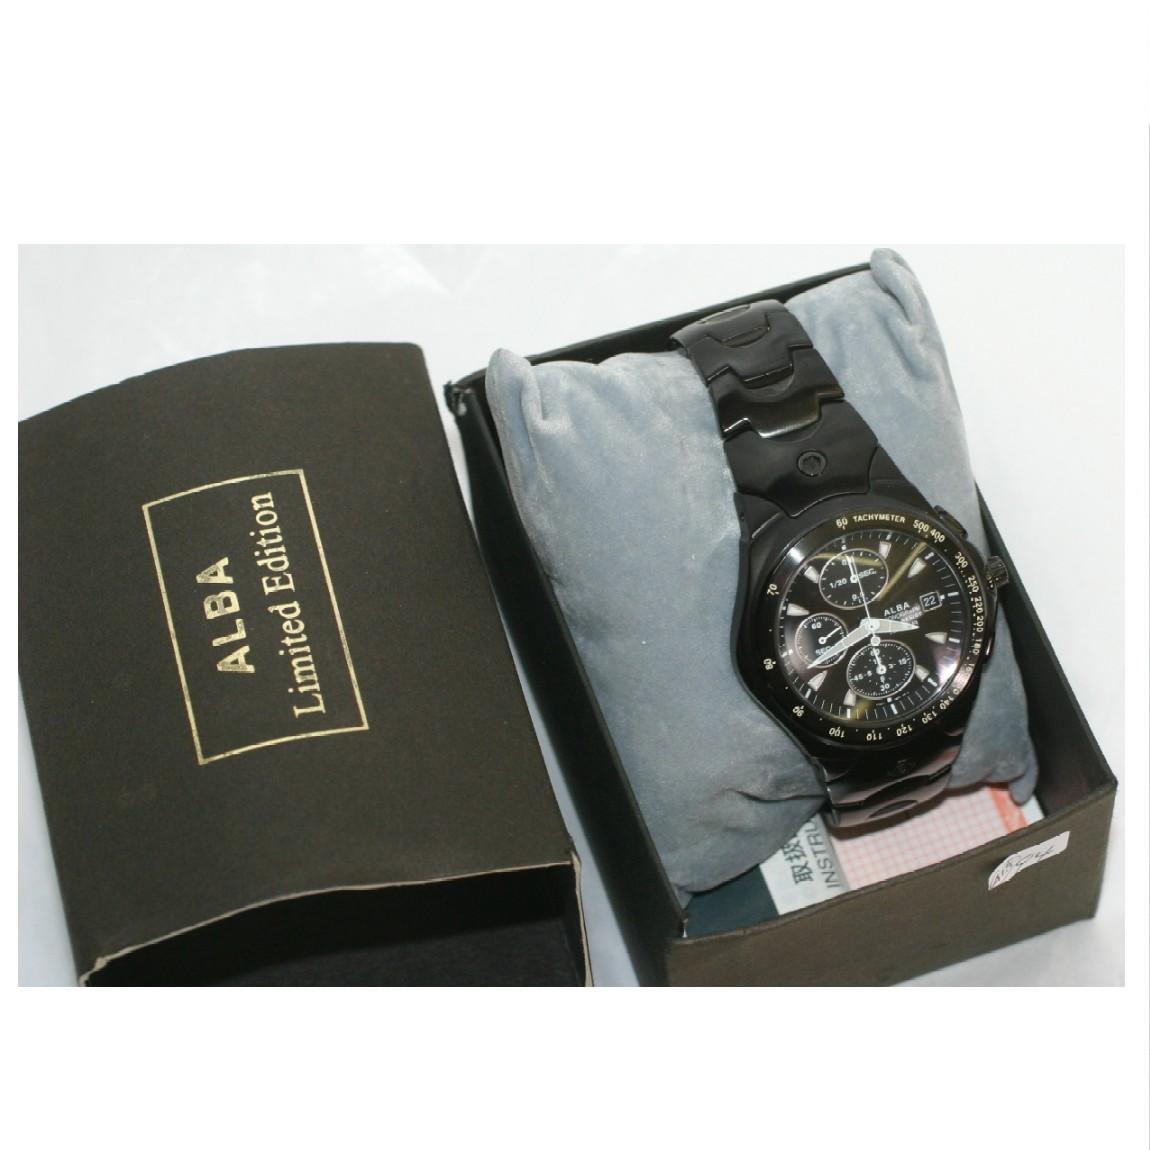 【中古】本物新品同様セイコー腕時計アルバ ルークスABFV049 0111/1000個限定10気圧防水クロノの丈夫な時計7T92-0BT0 2003年グッドデザイン賞受賞当時の価格25000円